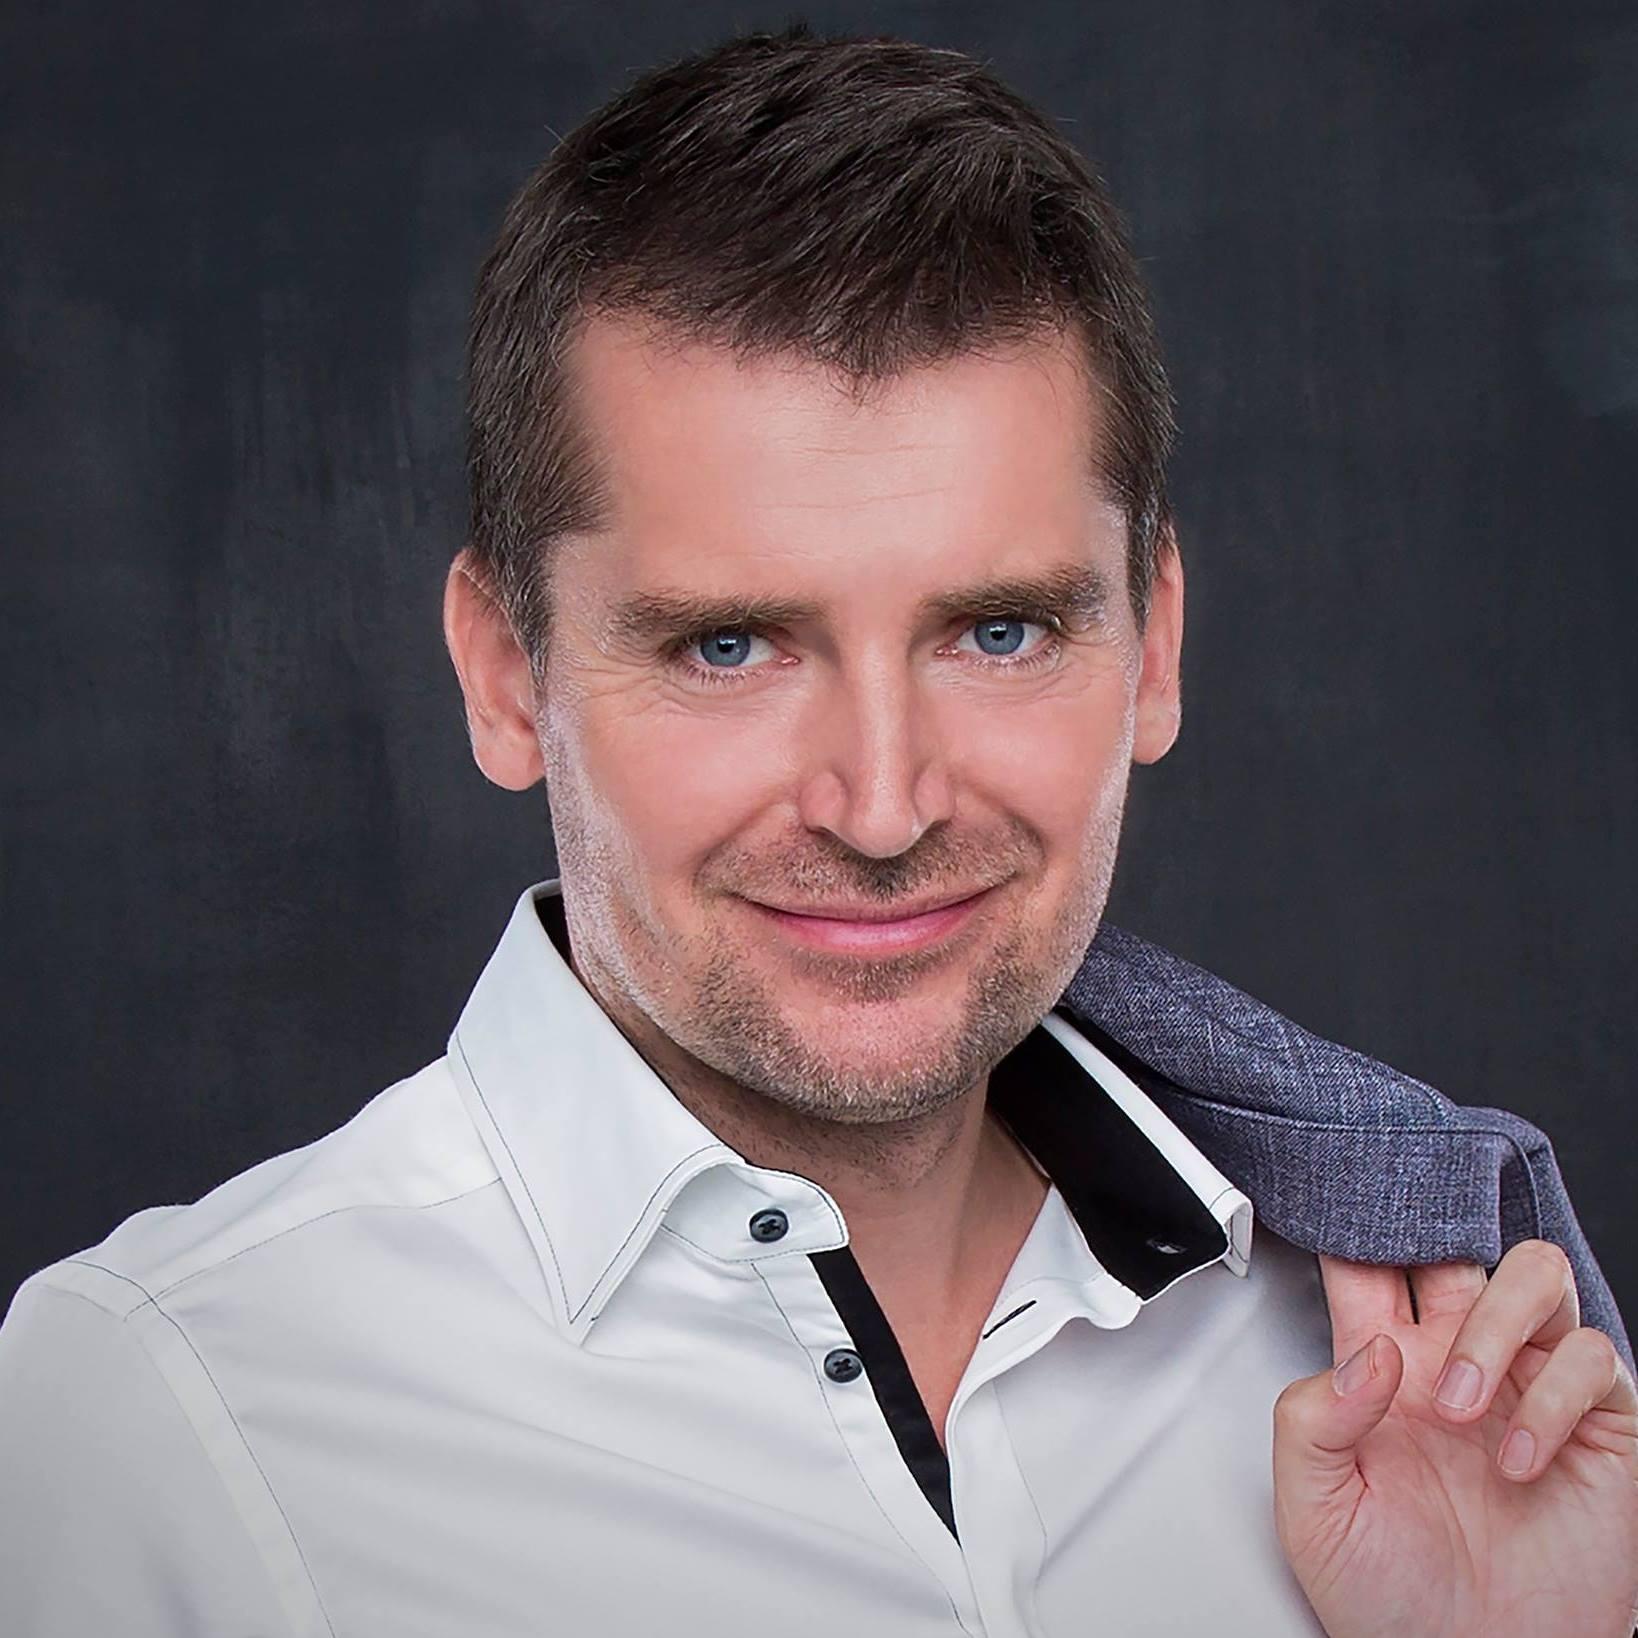 Kovács Zsolt Milán<BR> A SZÁMHÁBORÚ könyv szerzője<BR> okleveles adószakértő